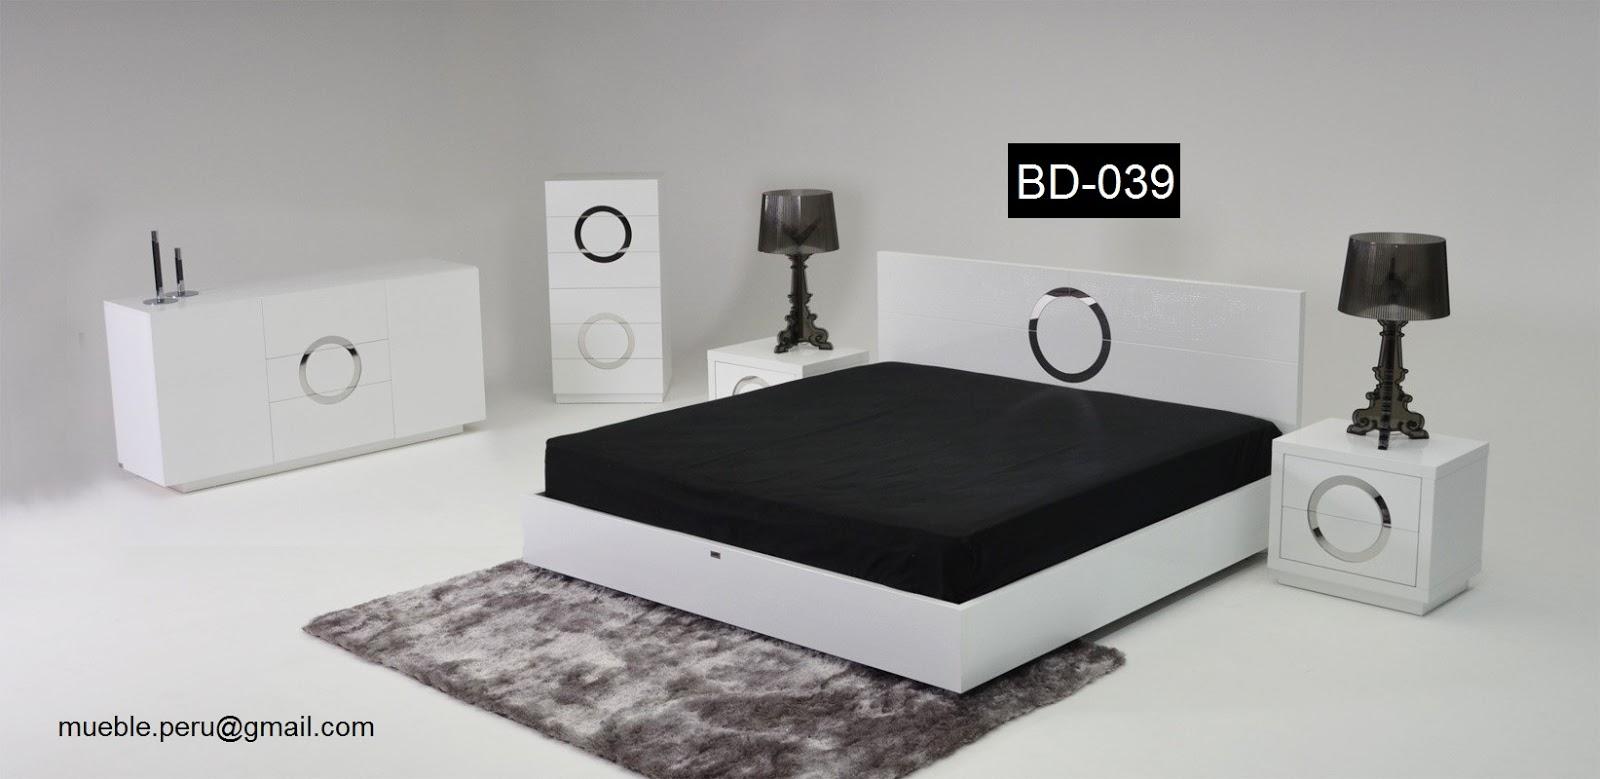 Dormitorios modernos exclusivos muebles para domitorio for Muebles de dormitorio lima